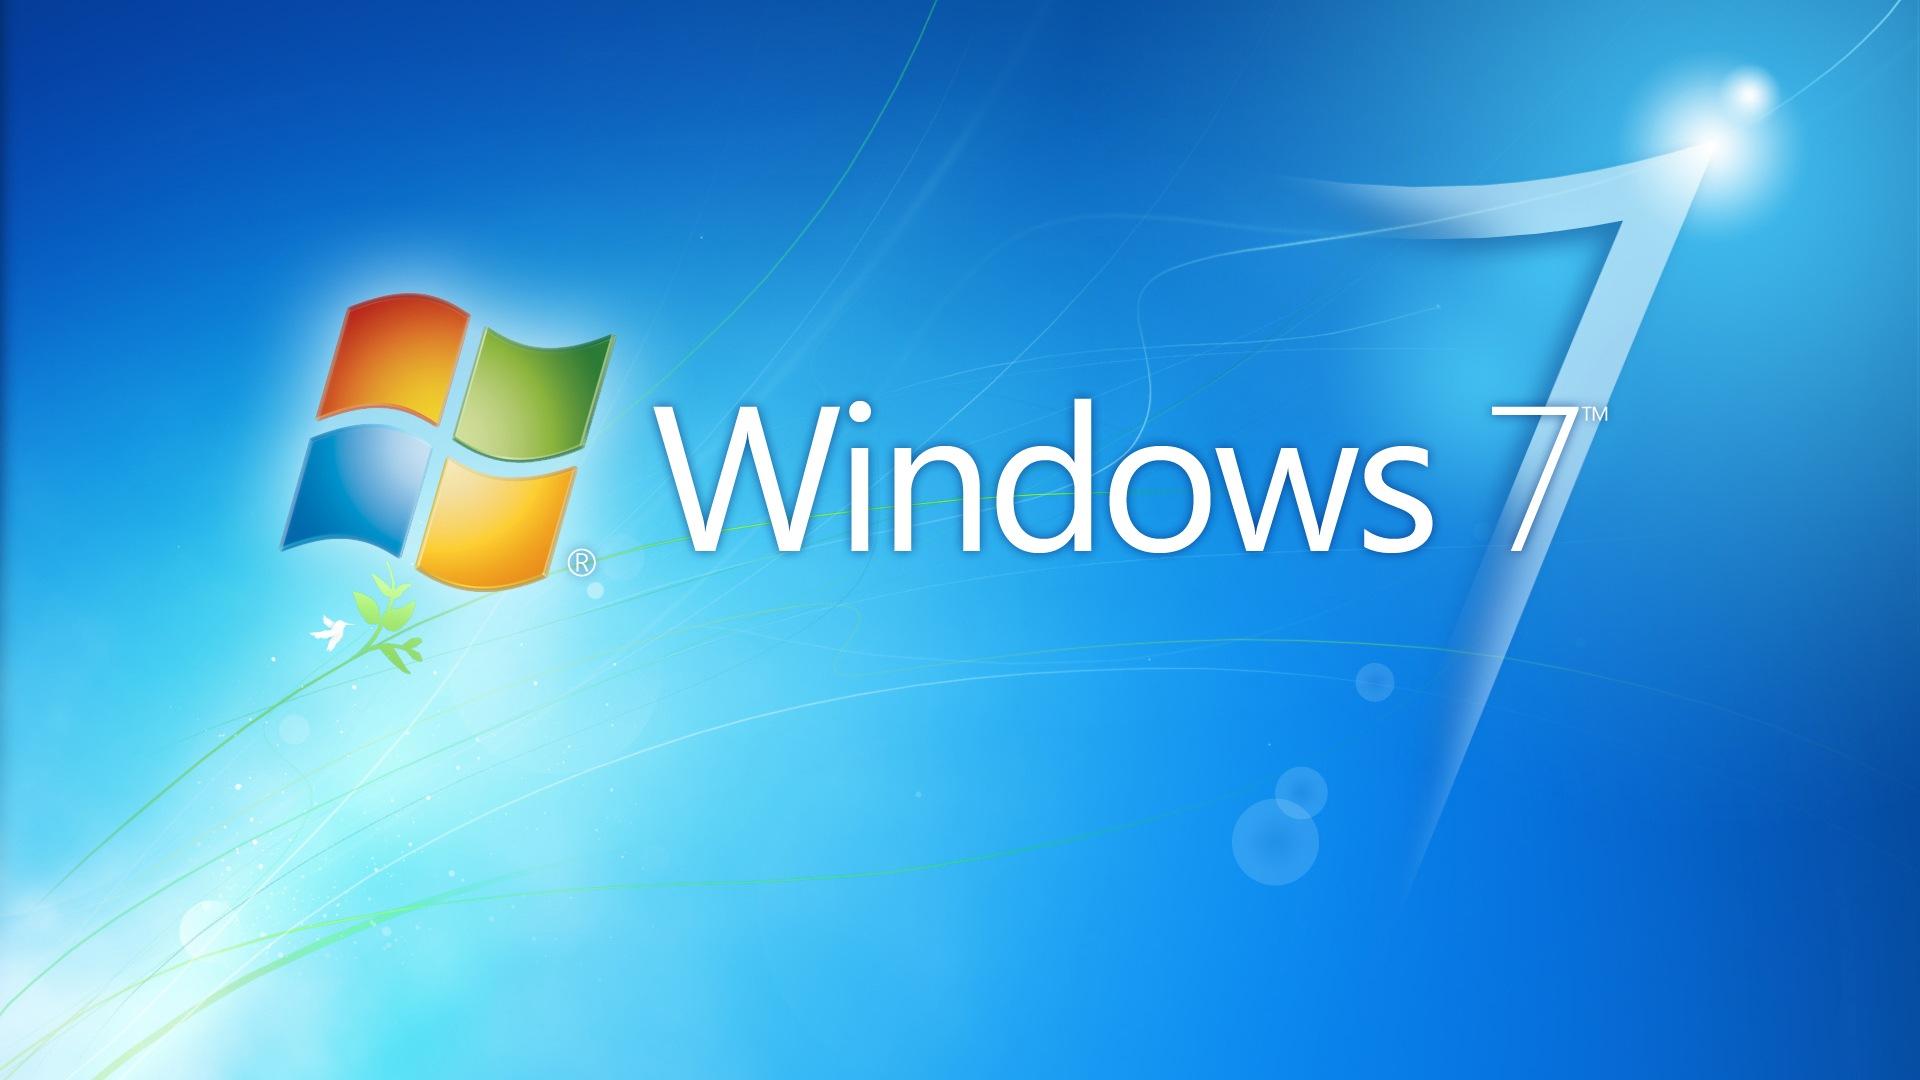 Windows 7 dhe 10 rrisin përqindjen në treg